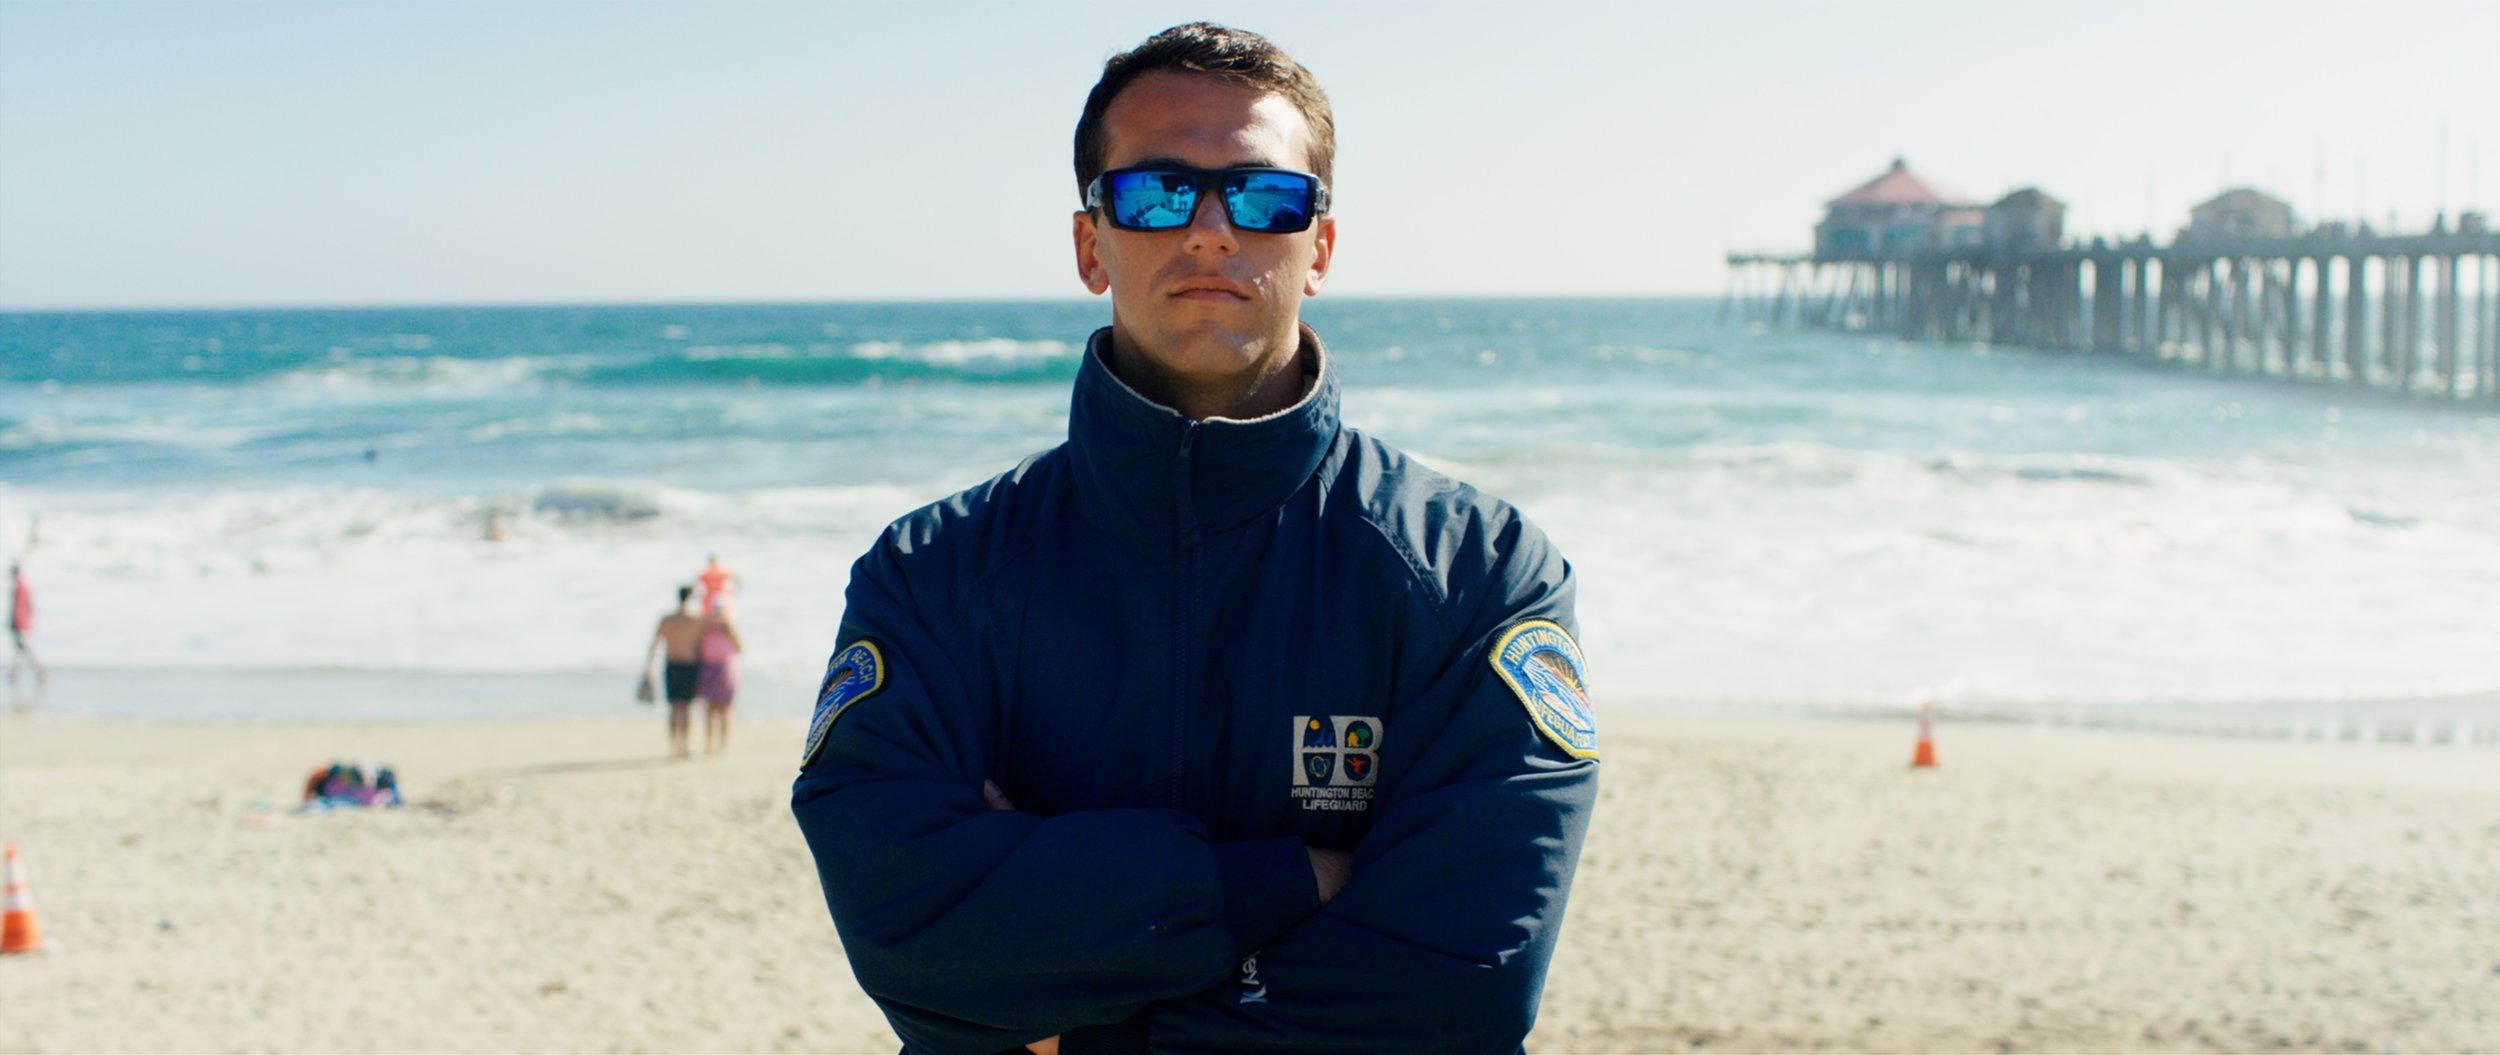 HB Lifeguards